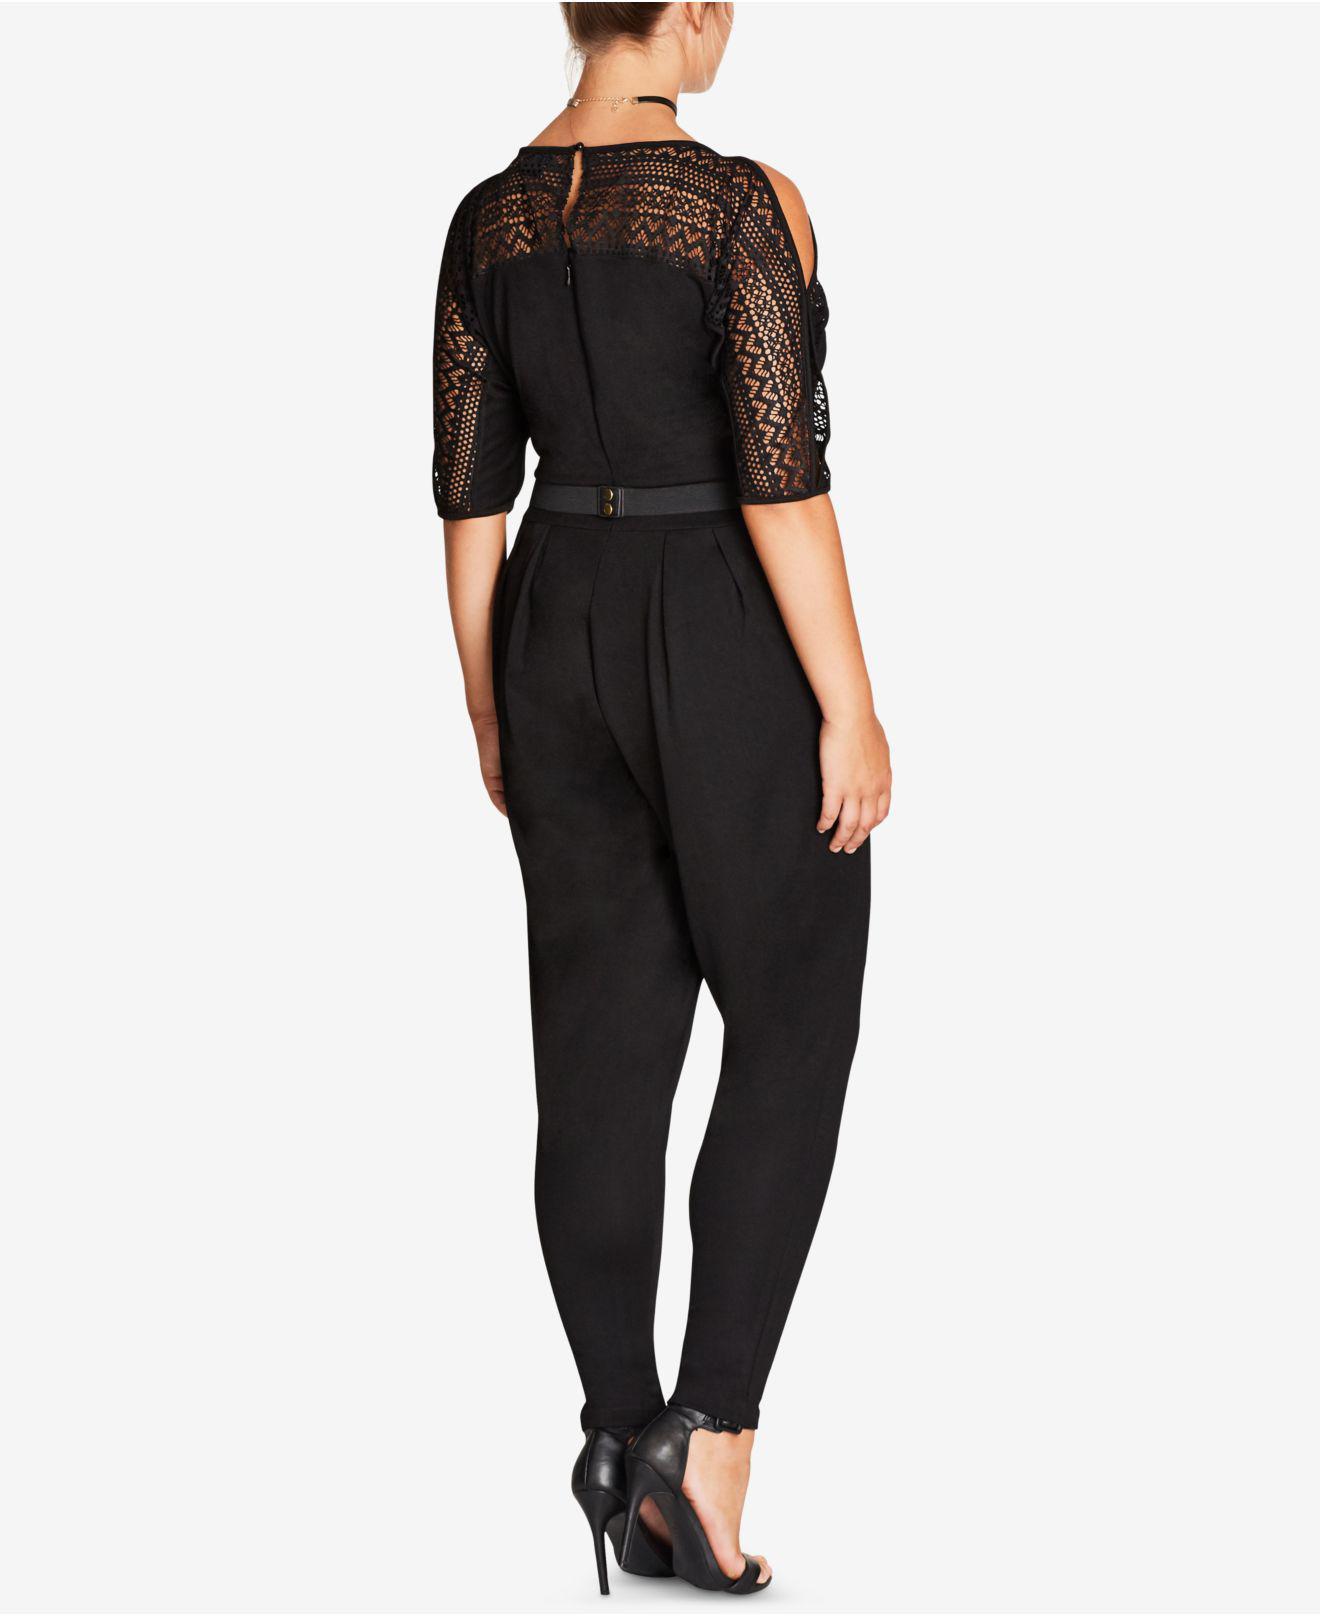 Lyst City Chic Trendy Plus Size Lace Trim Jumpsuit In Black